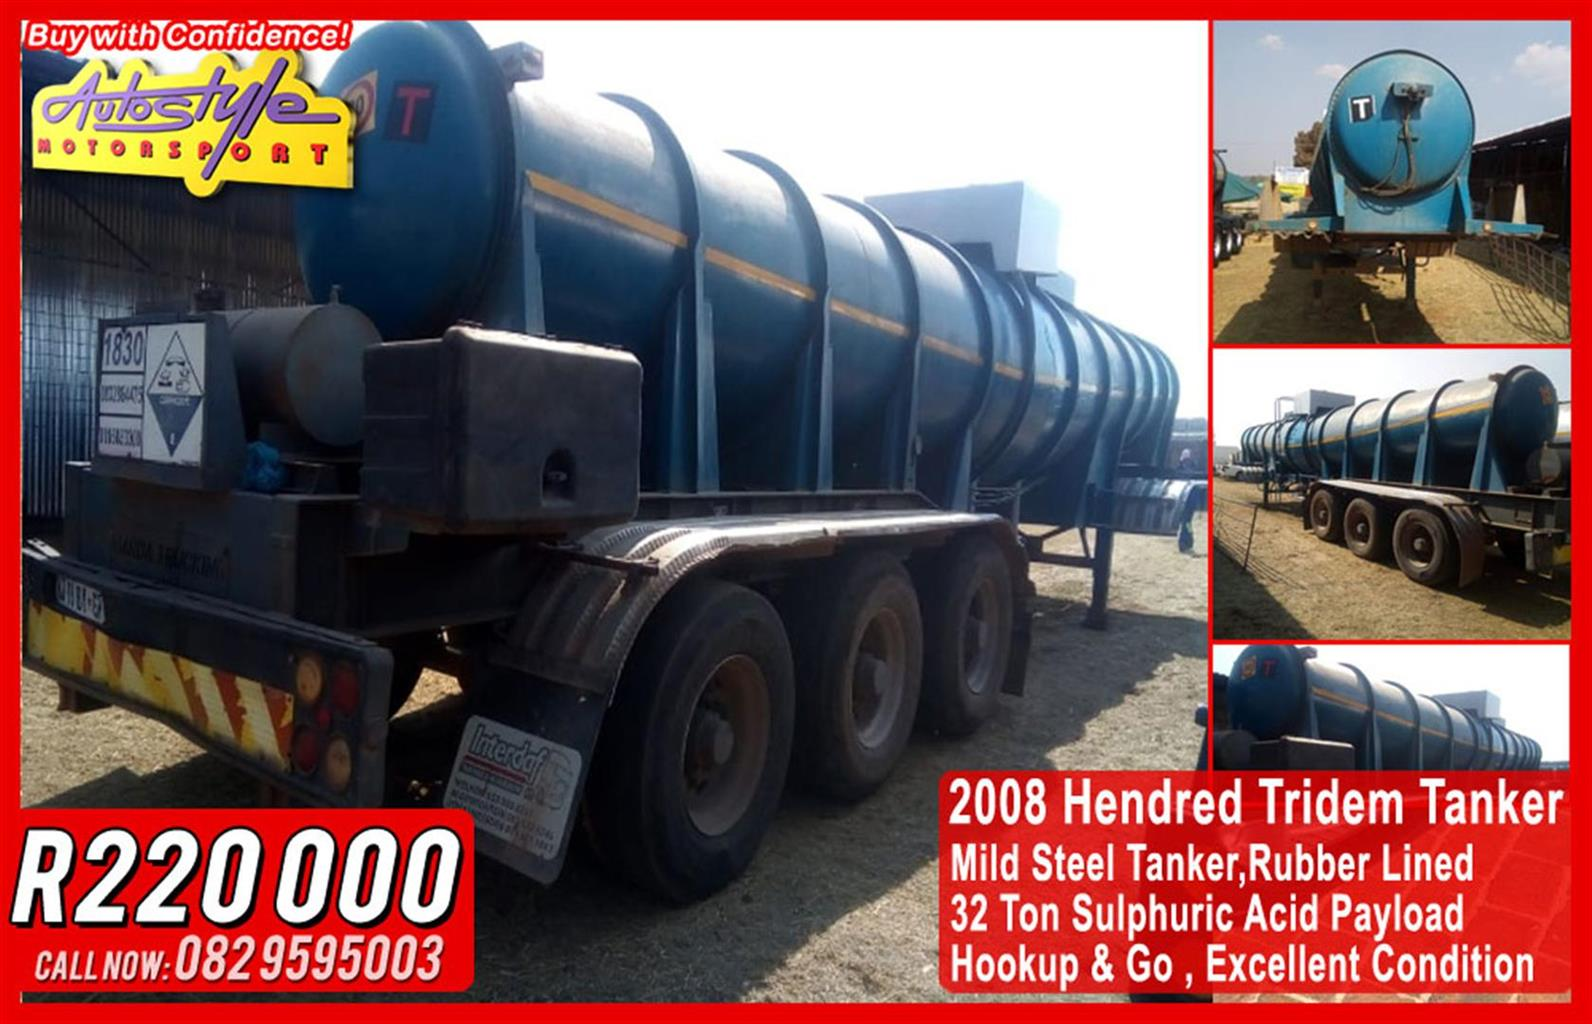 2008 Hendred Tridem Tanker Mild Steel Tanker